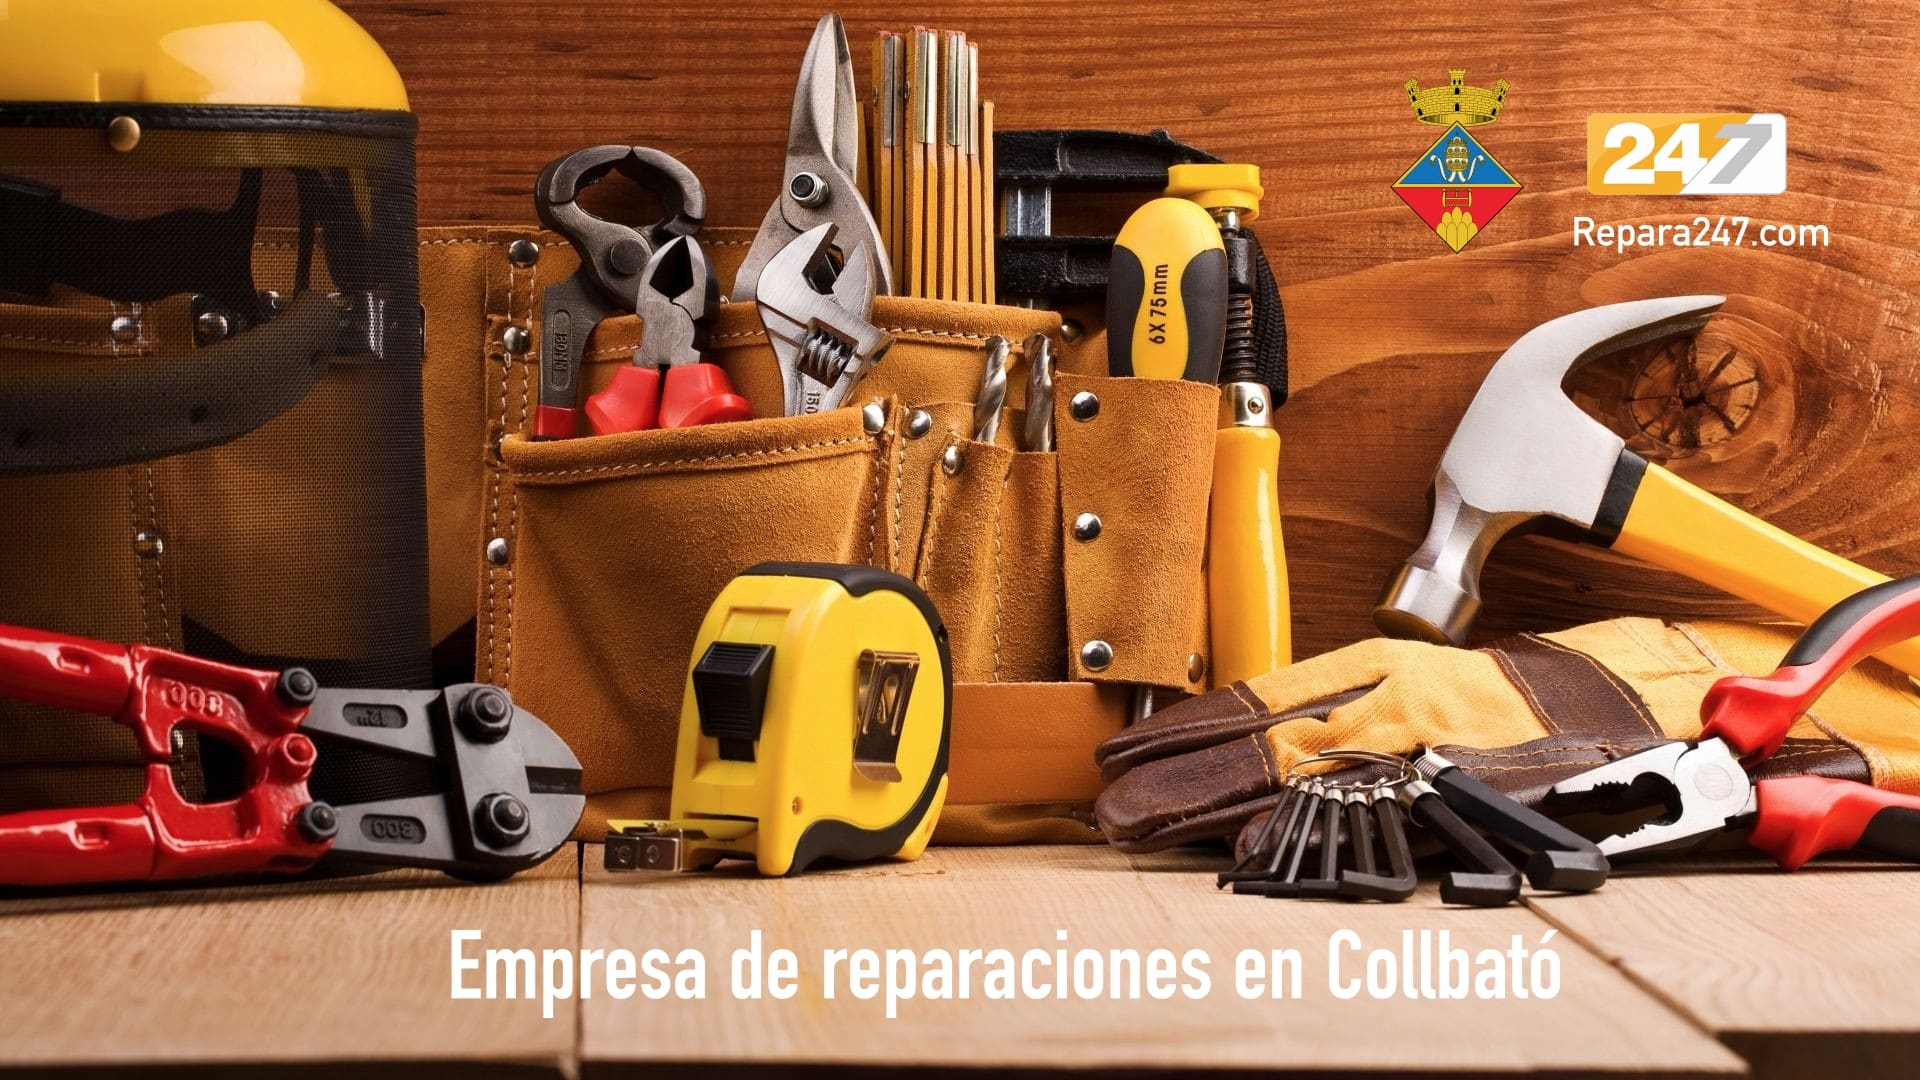 Empresa de reparaciones en Collbató